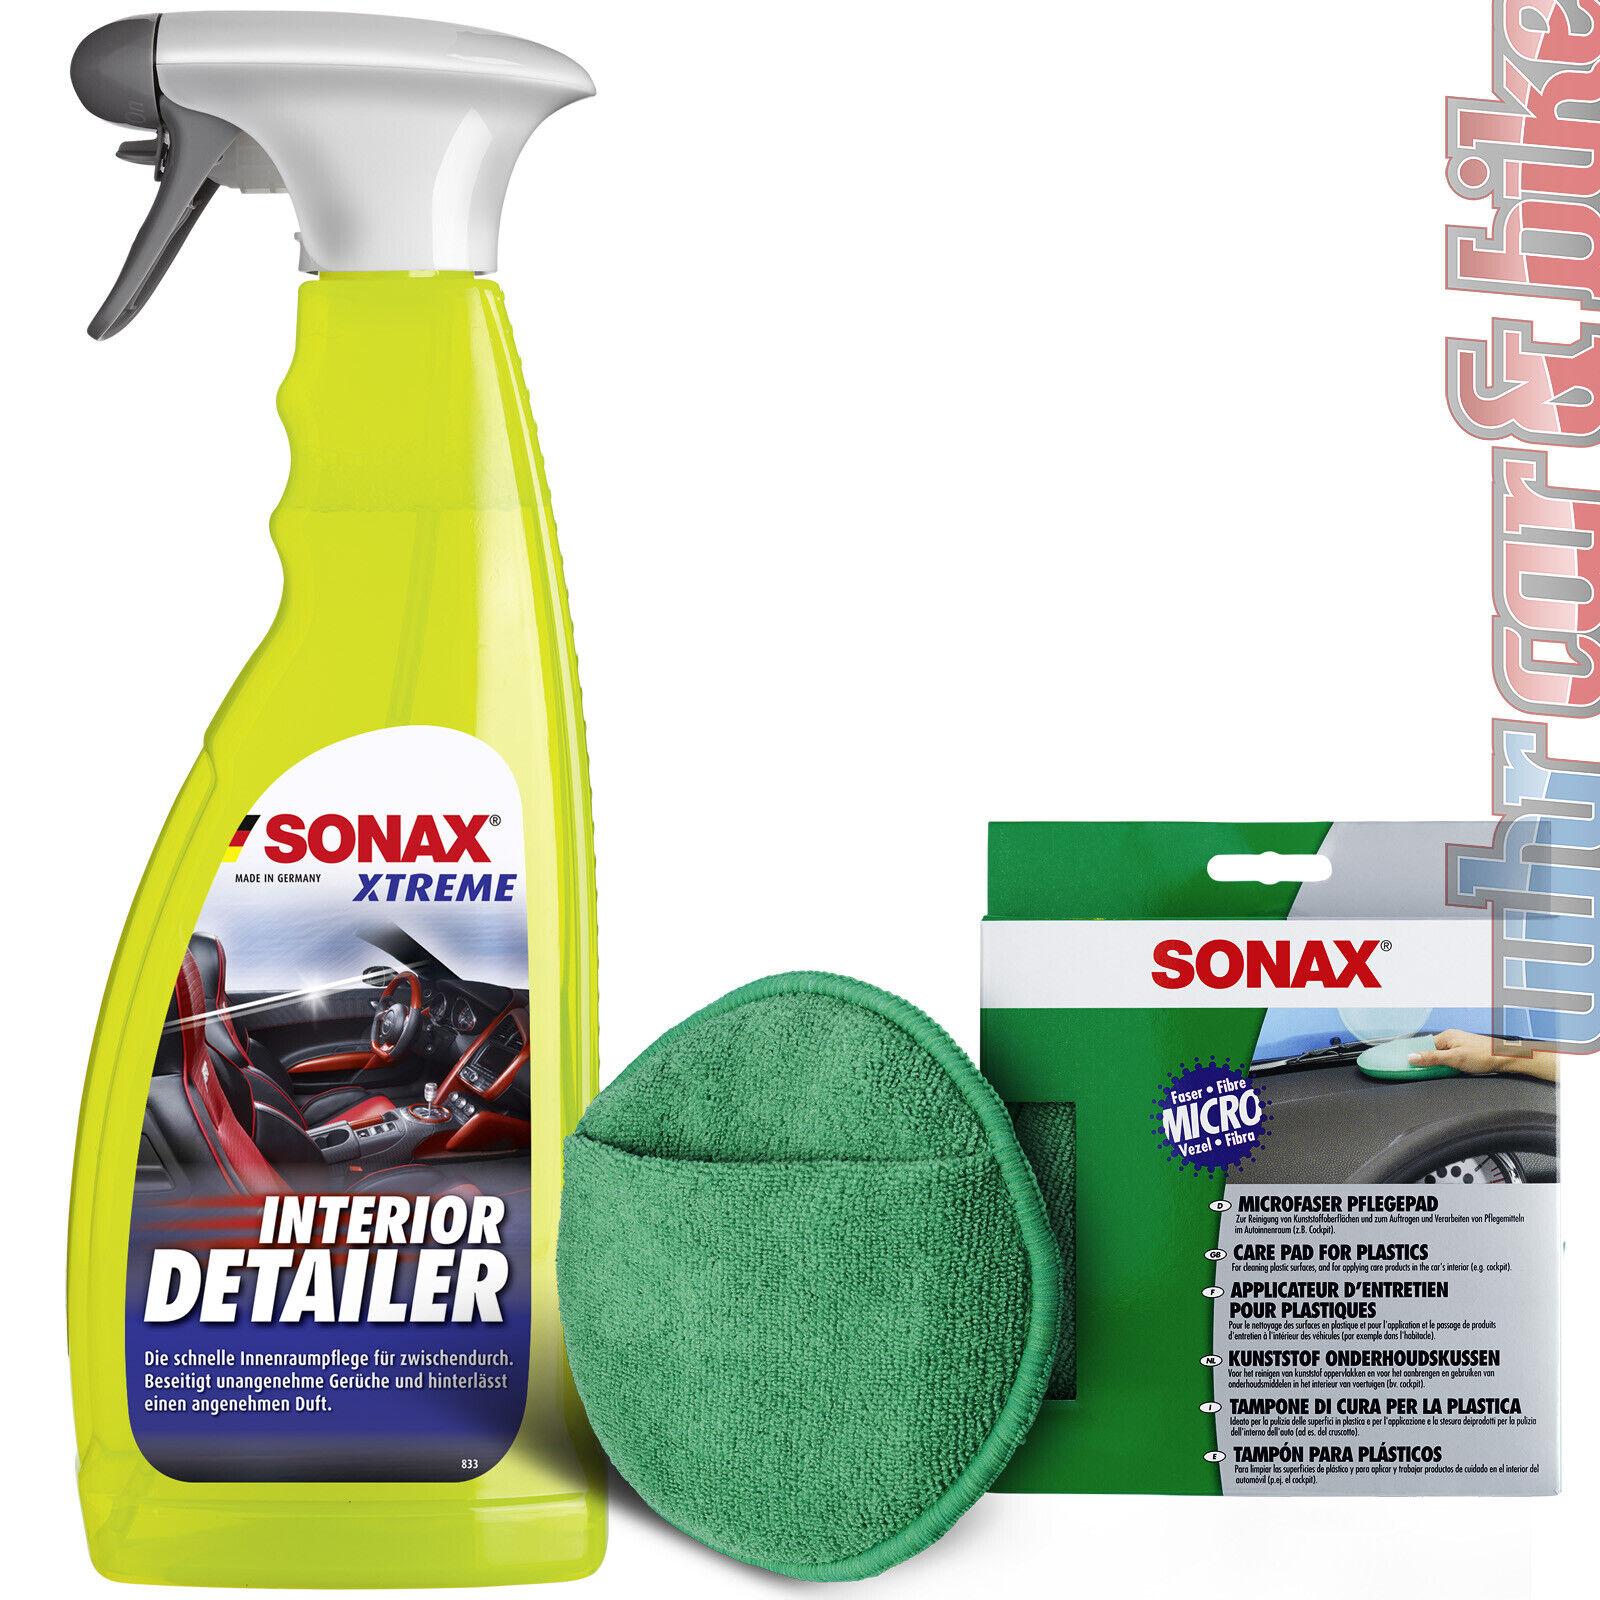 Sonax Xtreme Interior Detailer Auto-Innenreiniger inkl. Microfaser Pflegepad